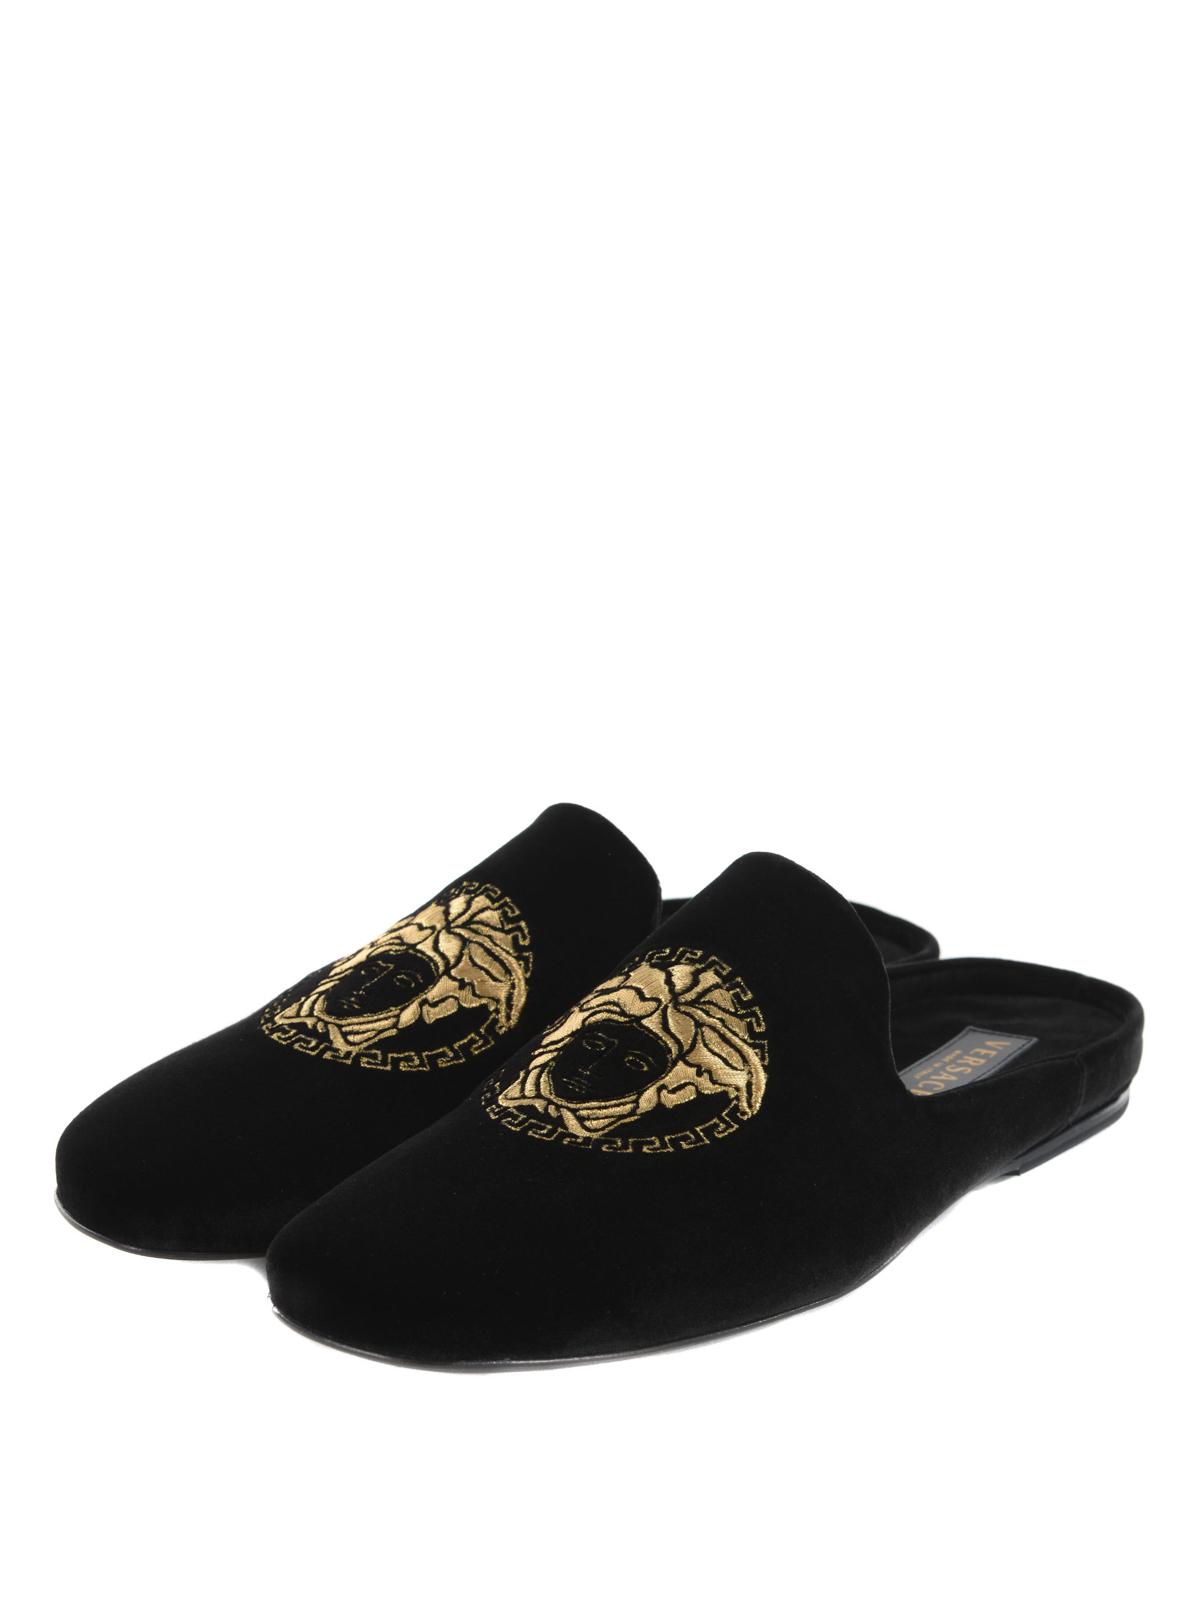 a1192e6103 Versace - Medusa Head velvet slippers - Loafers & Slippers - DSU6273 ...